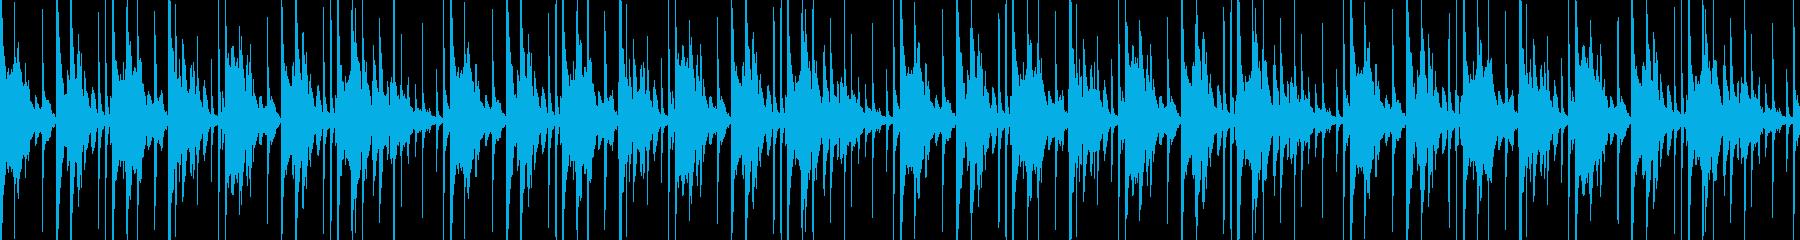 軽快なアルトサックスのループ素材の再生済みの波形